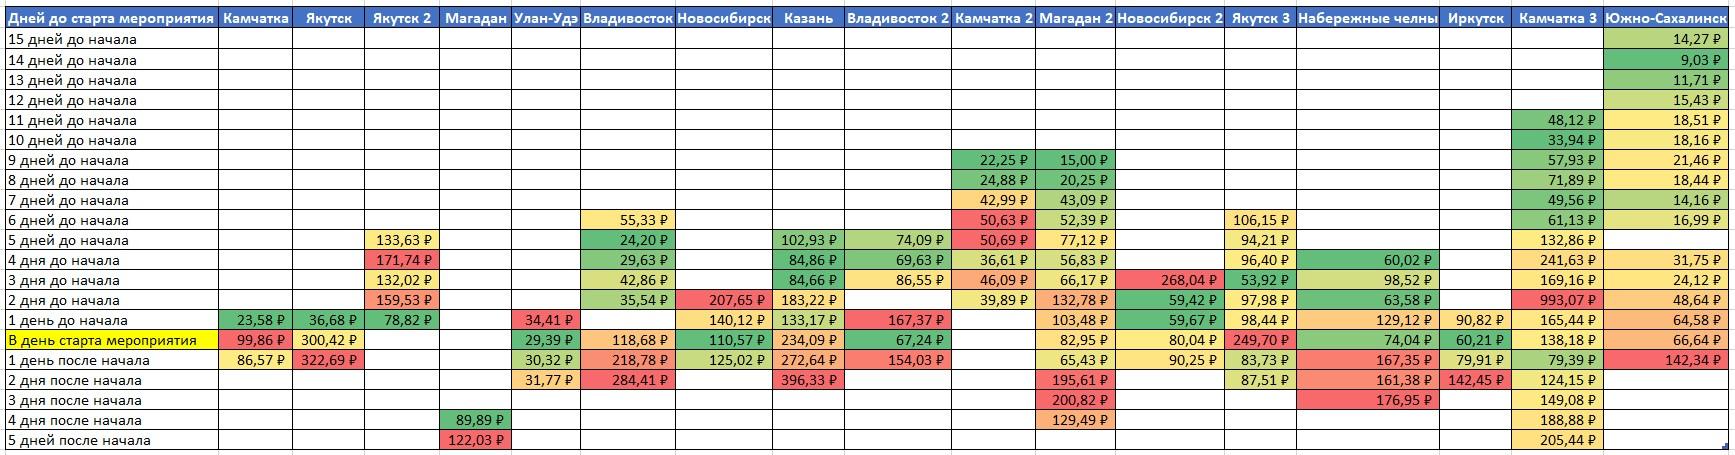 Изменение стоимости лида в зависимости от X дней до начала события